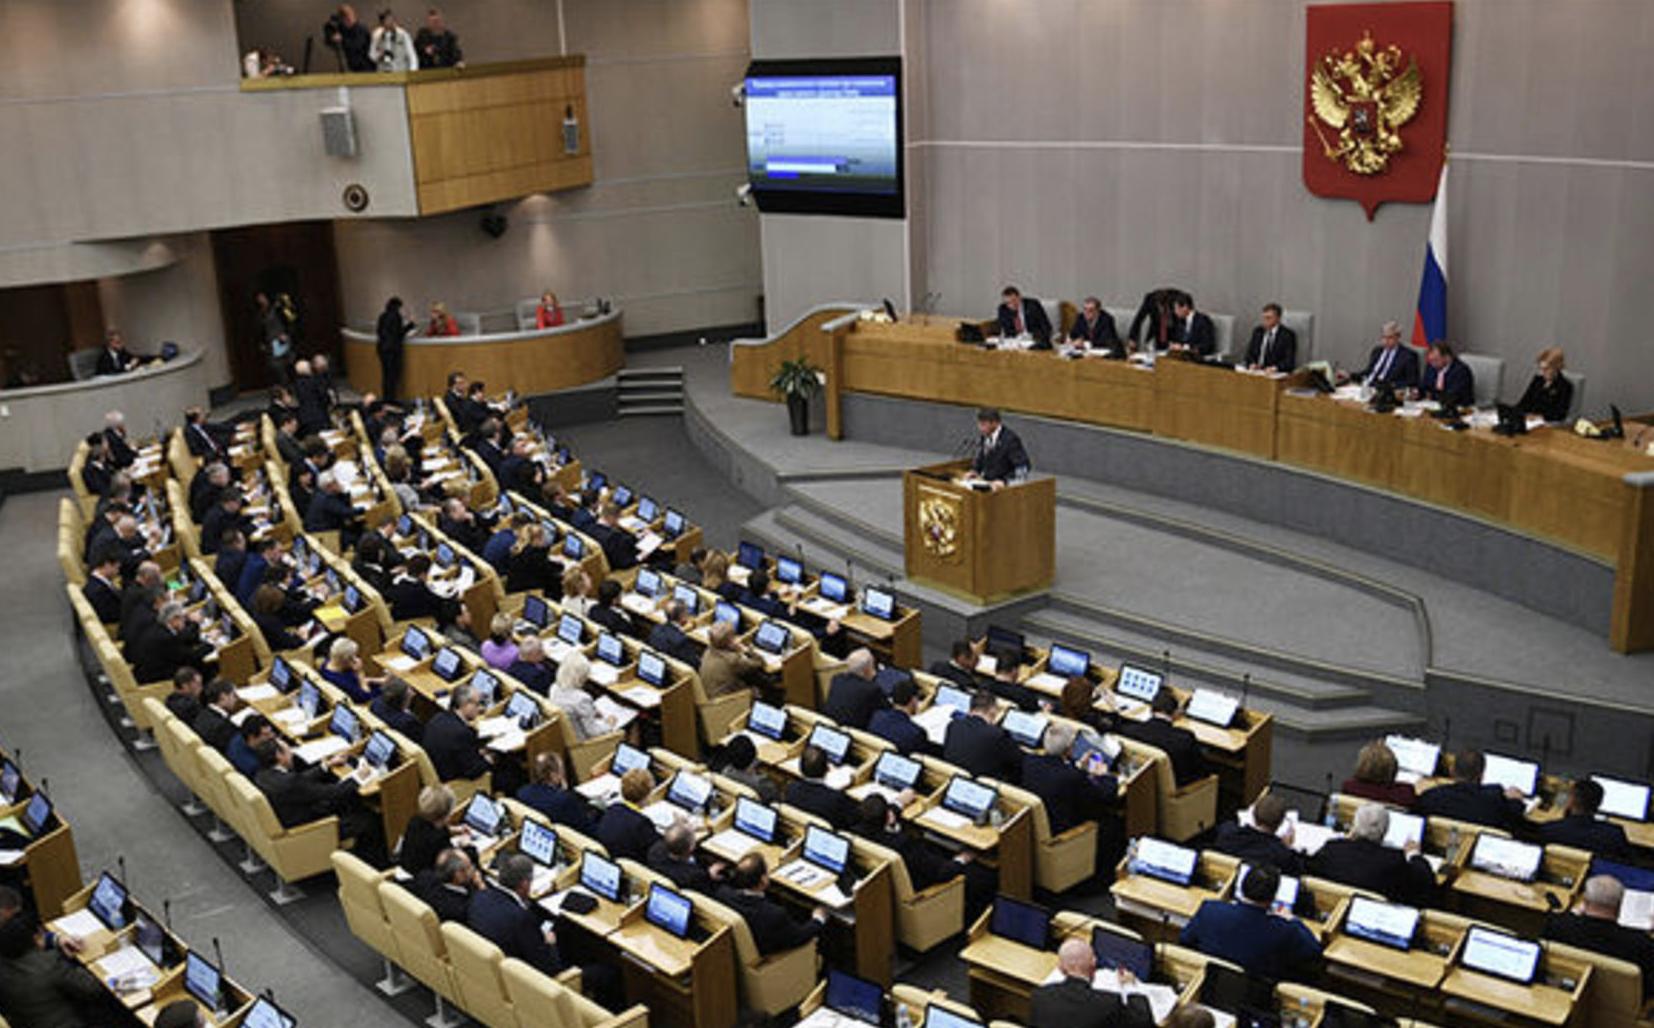 Госдума приняла в первом чтении изменения в законодательство по неотложным мерам, направленным на обеспечение устойчивого развития экономики и предотвращение последствий распространения COVID–19